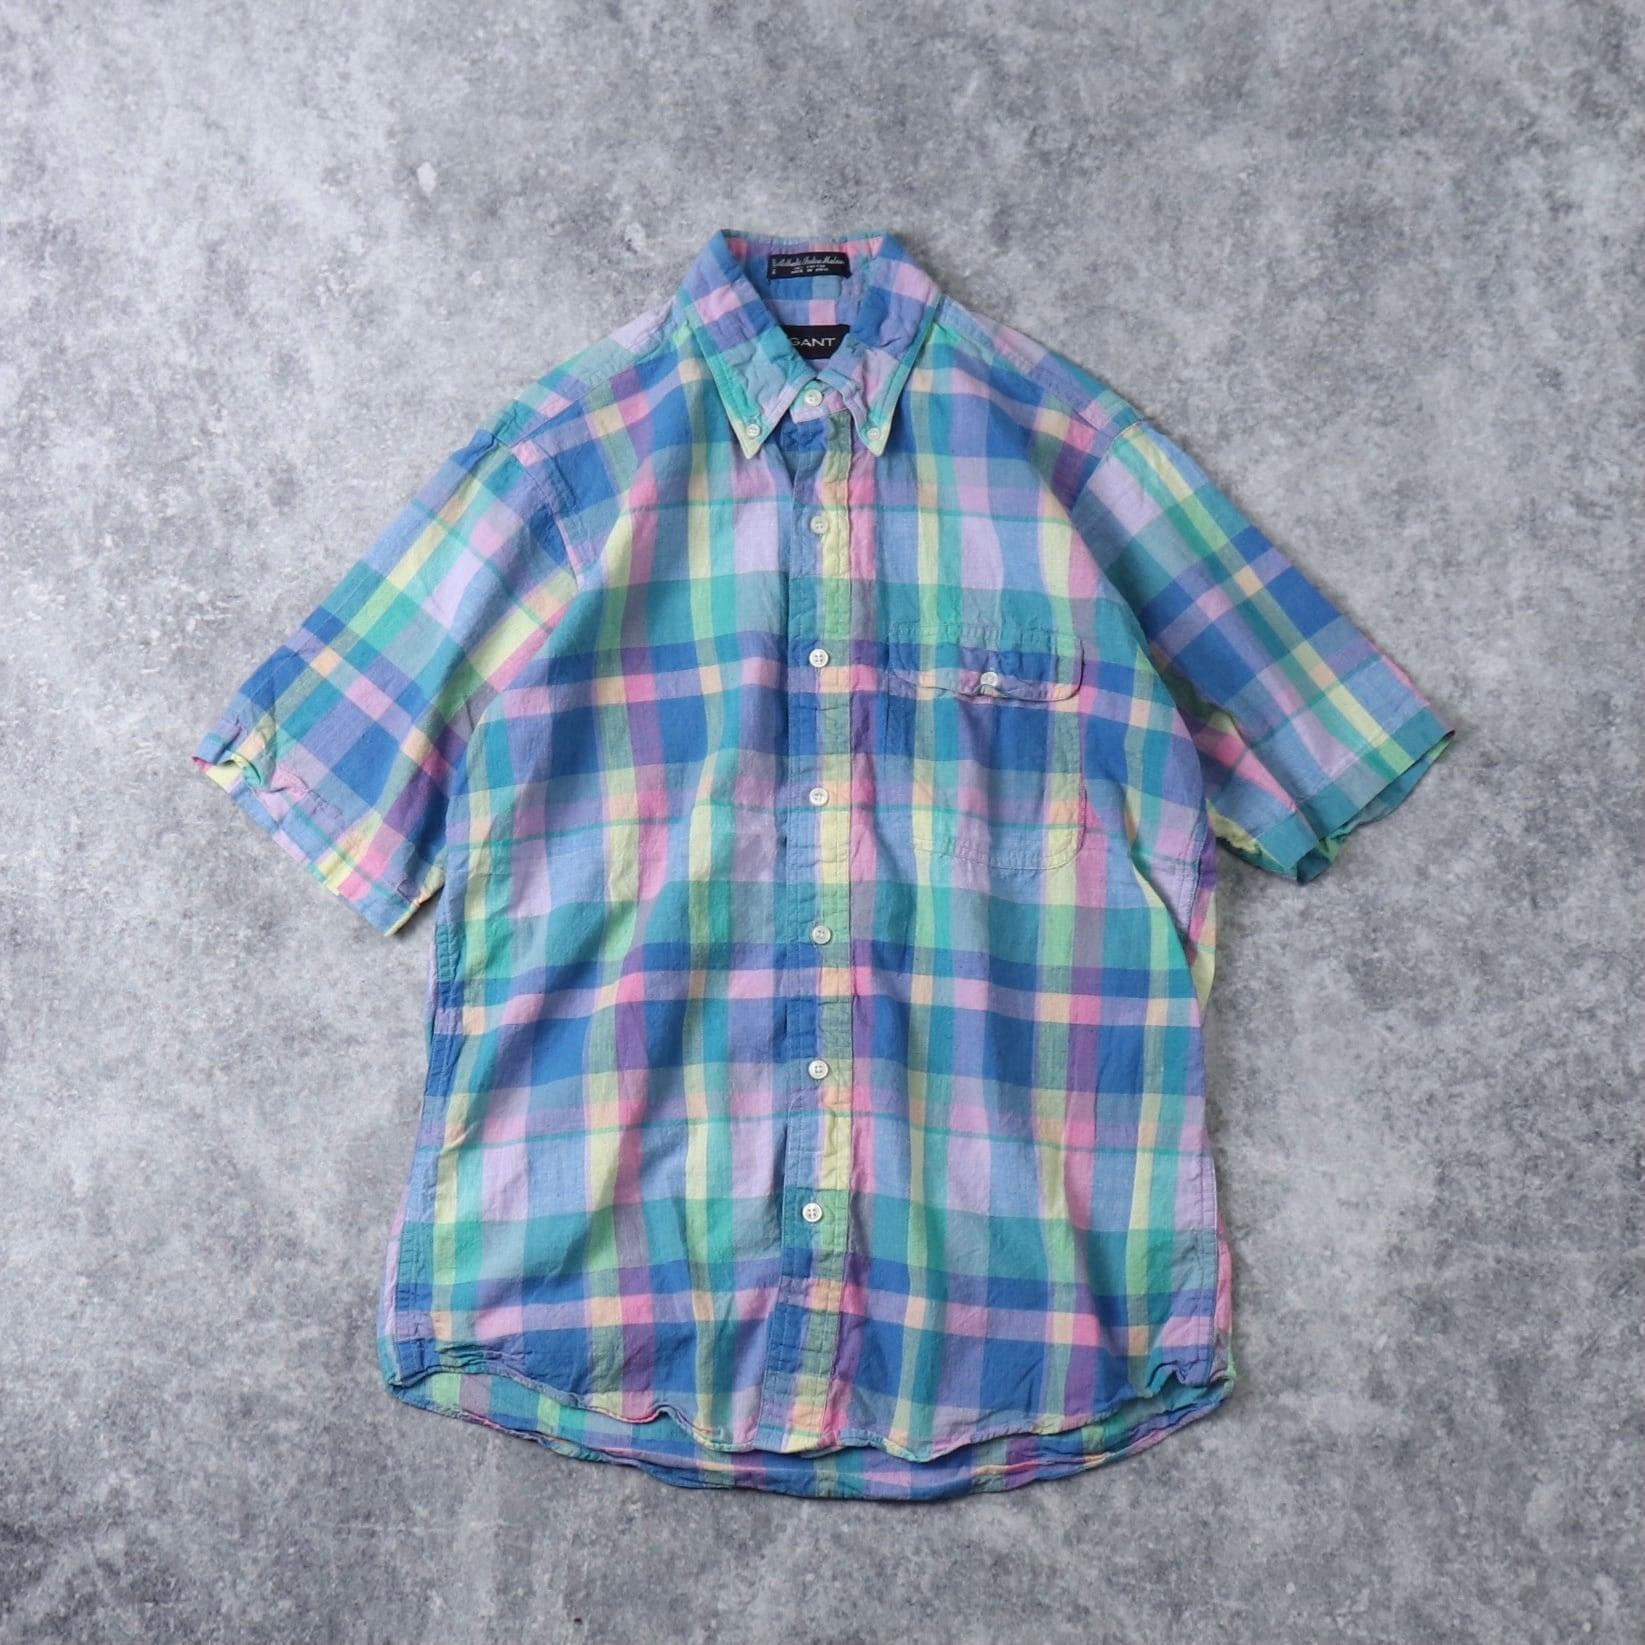 90's GANT 半袖BDシャツ インド綿 90年代 ボタンダウン アイビー Vintage ヴィンテージ  古着 A506